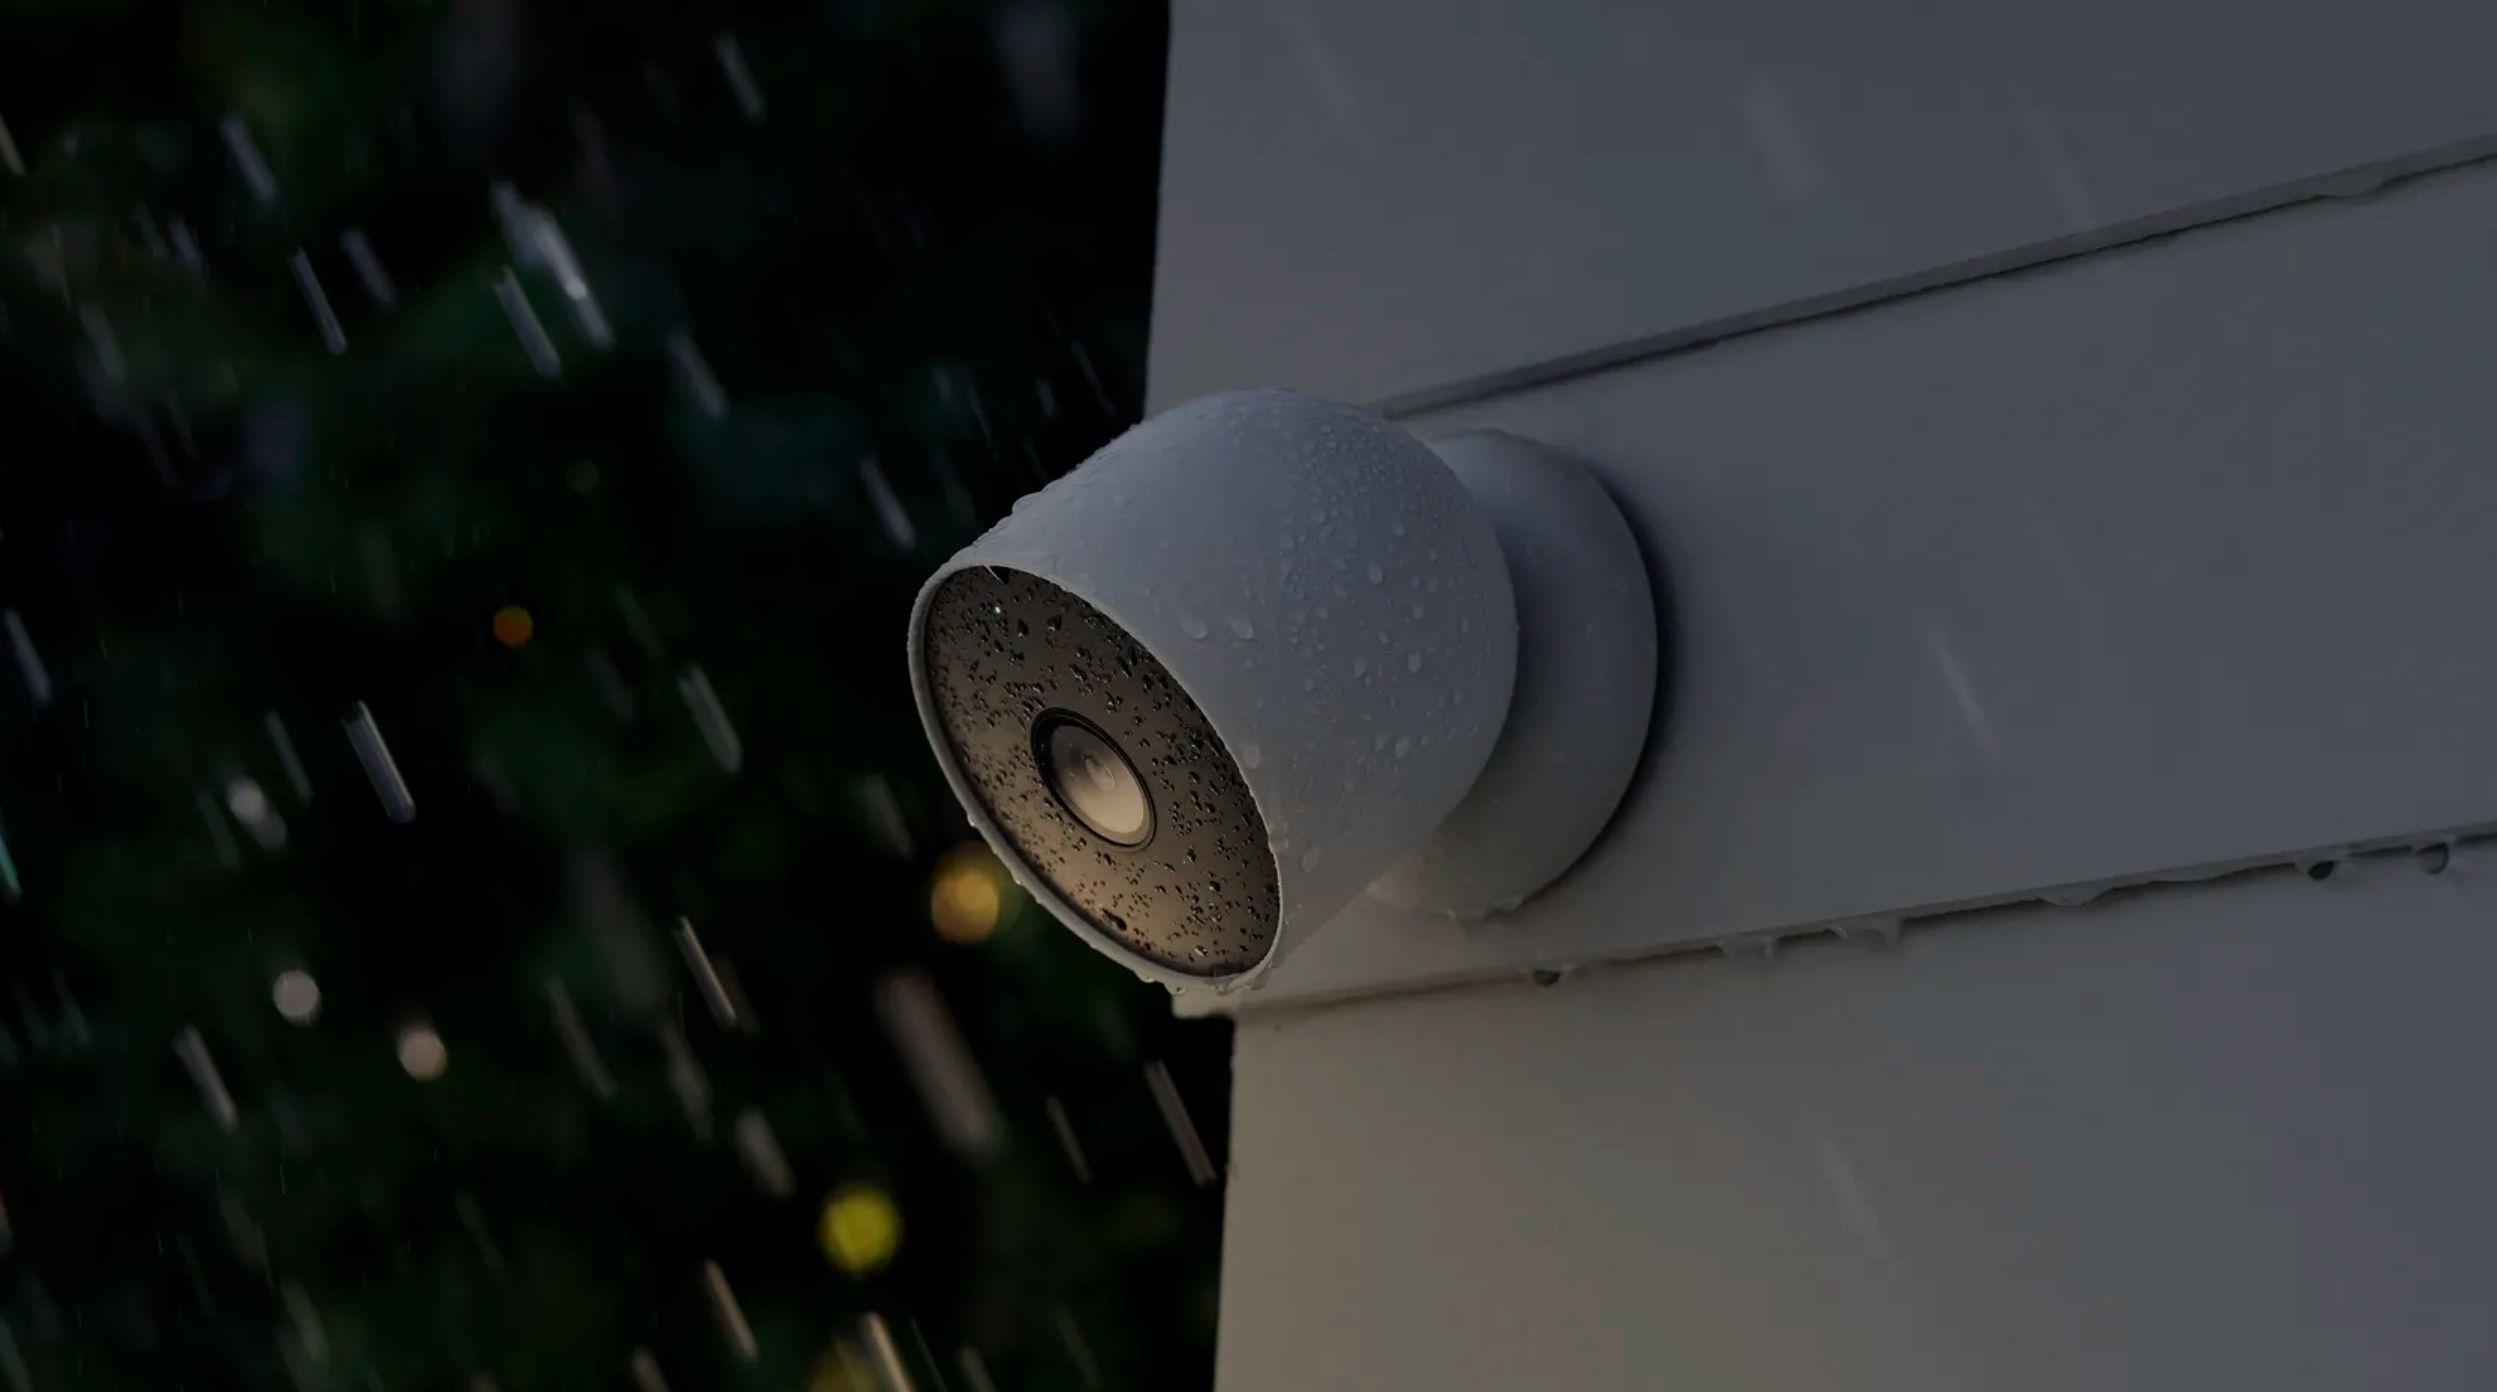 The wireless indoor/otdoor Nest security camera.